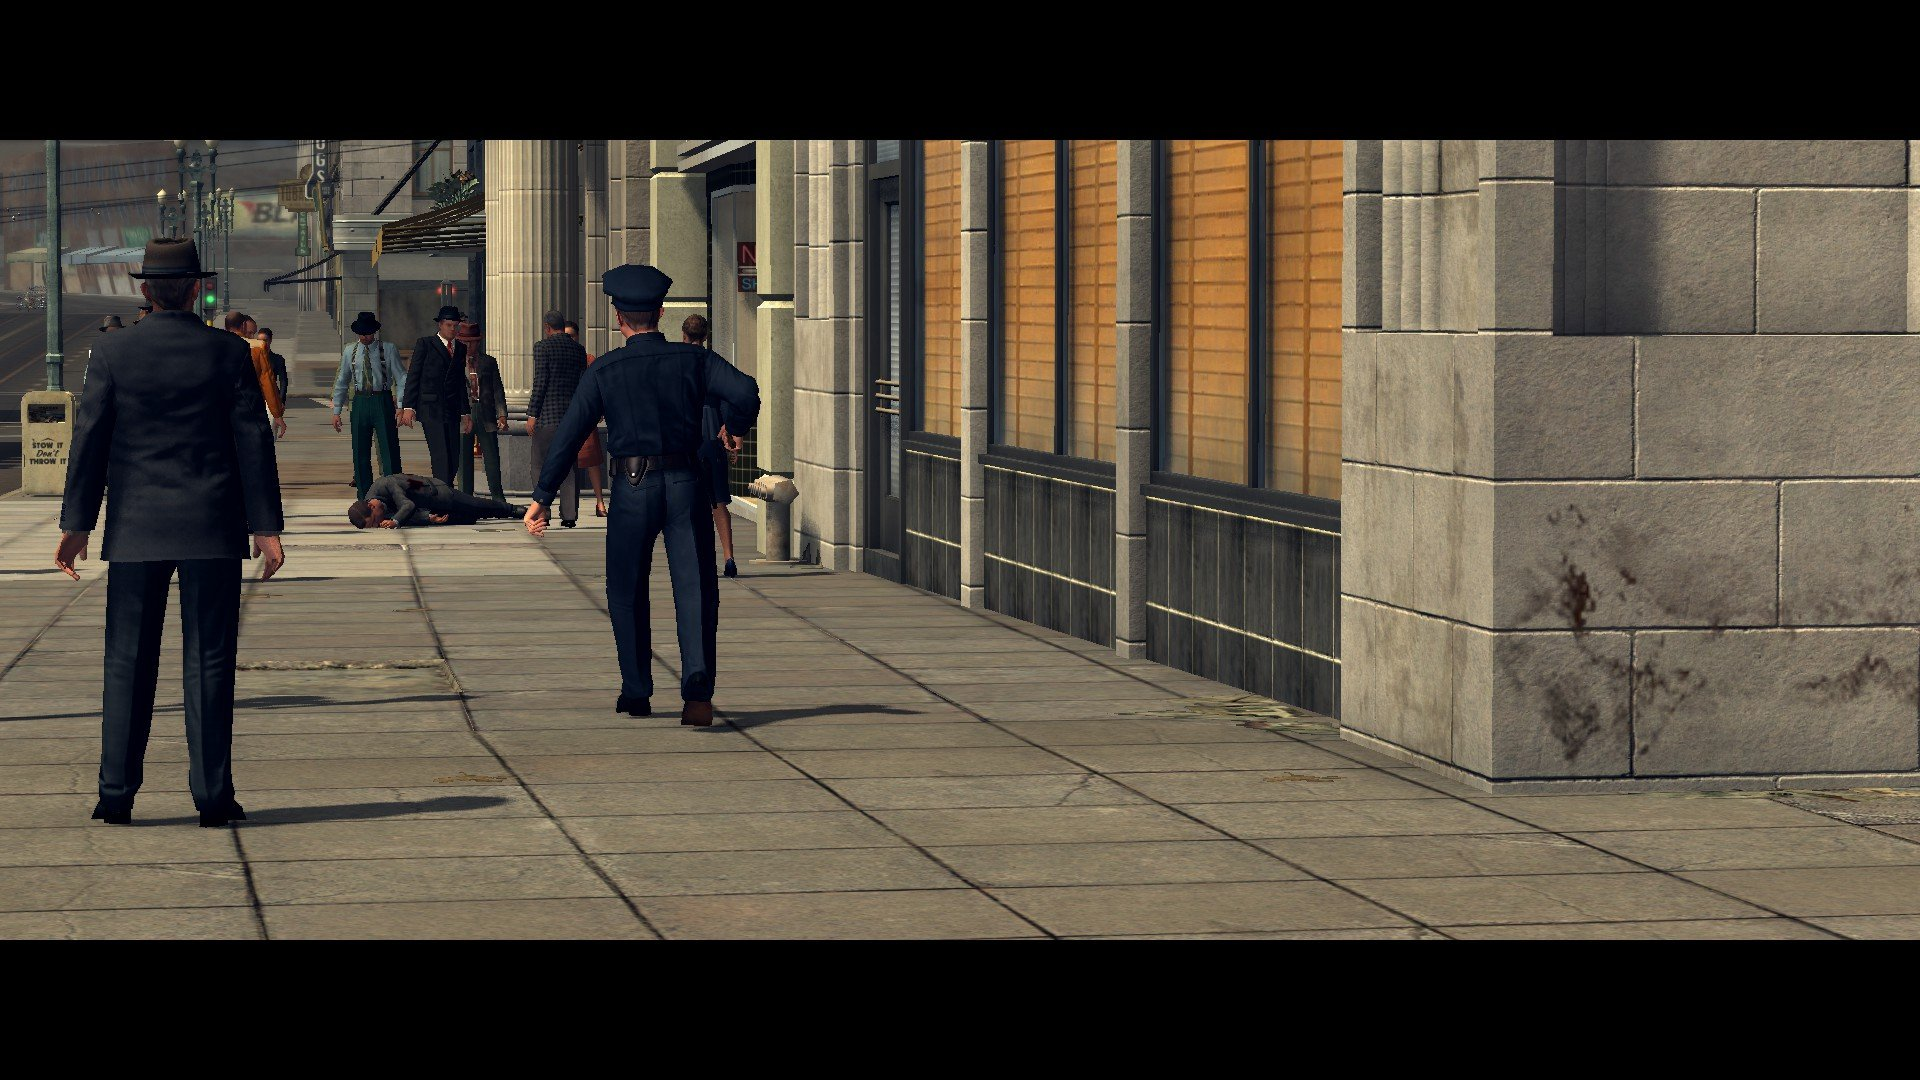 Пост-прохождение L.A. Noire Часть 2 - Изображение 5